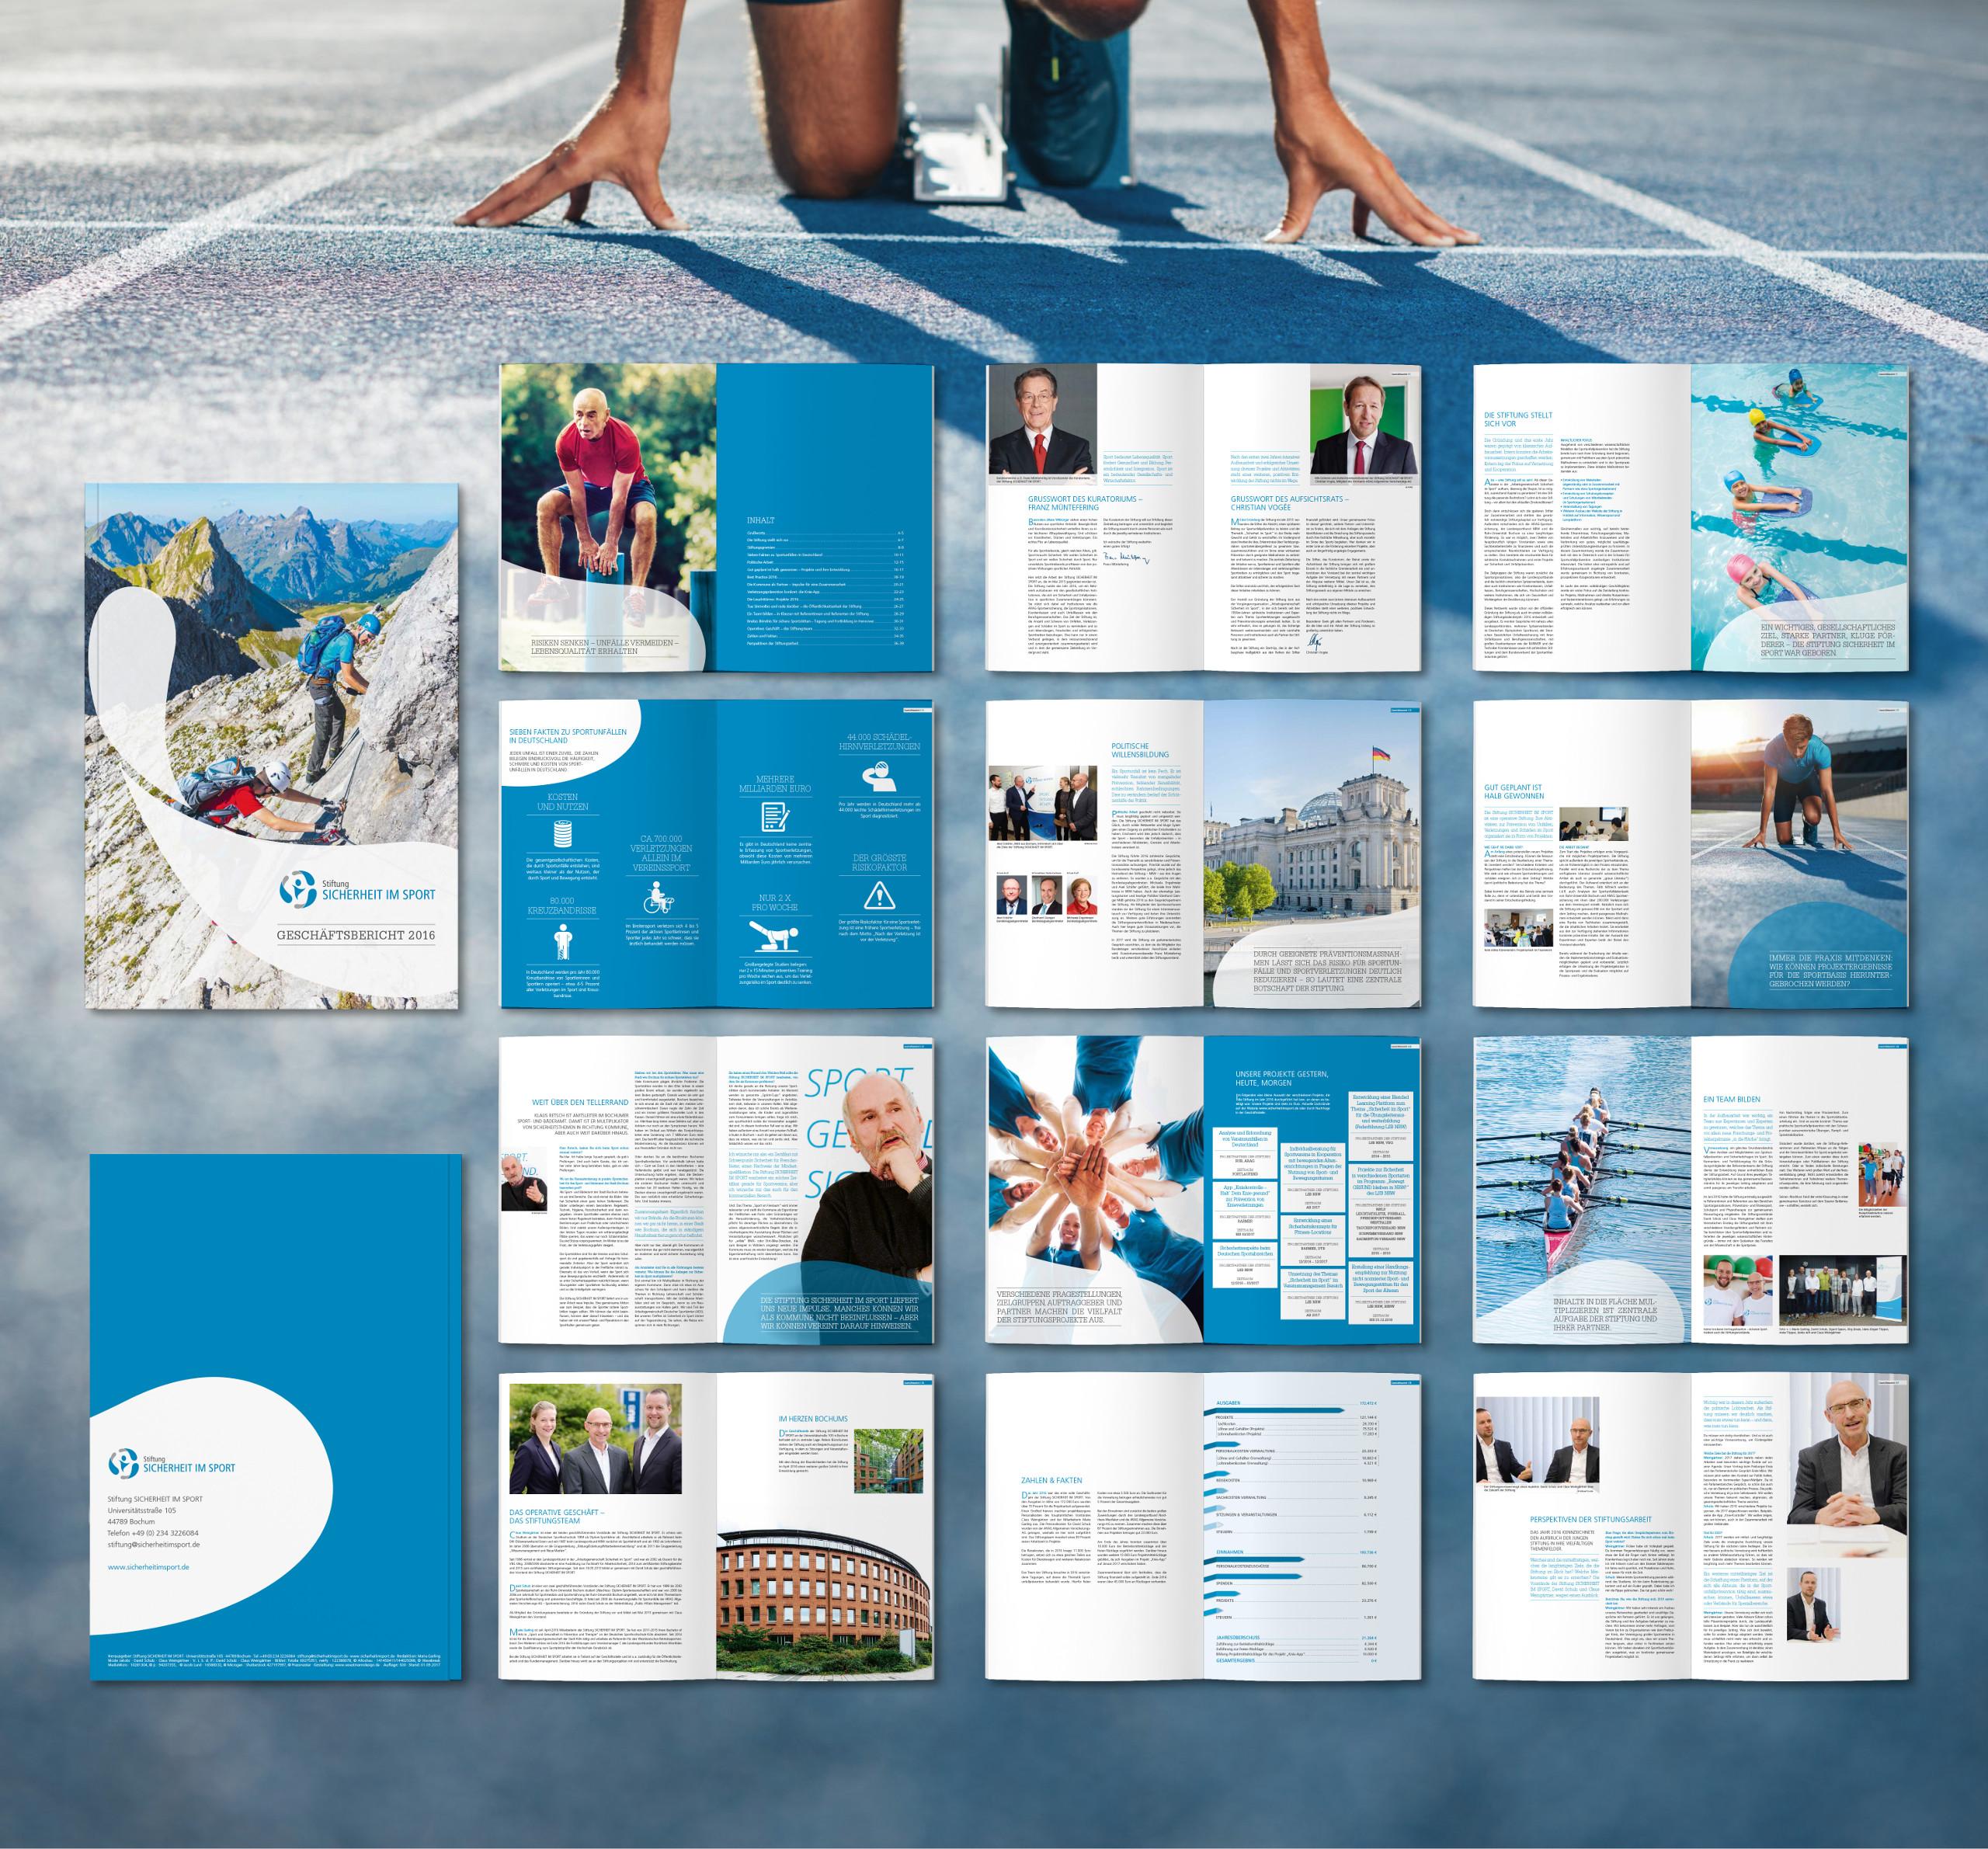 Stiftung Sicherheit im Sport aus Bochum | Woestmann Design | woestmanndesign.de